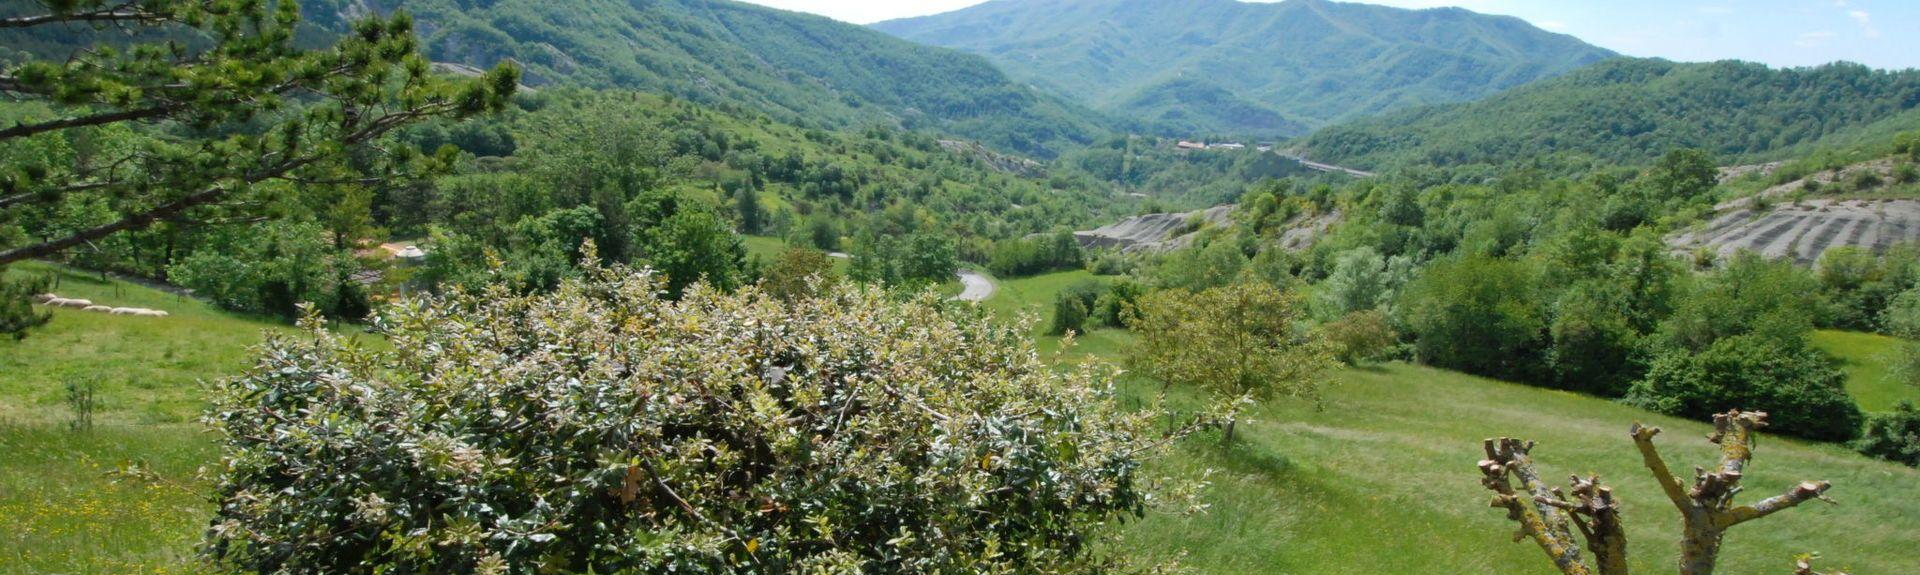 Pennabilli, Emilia-Romagna, Italië